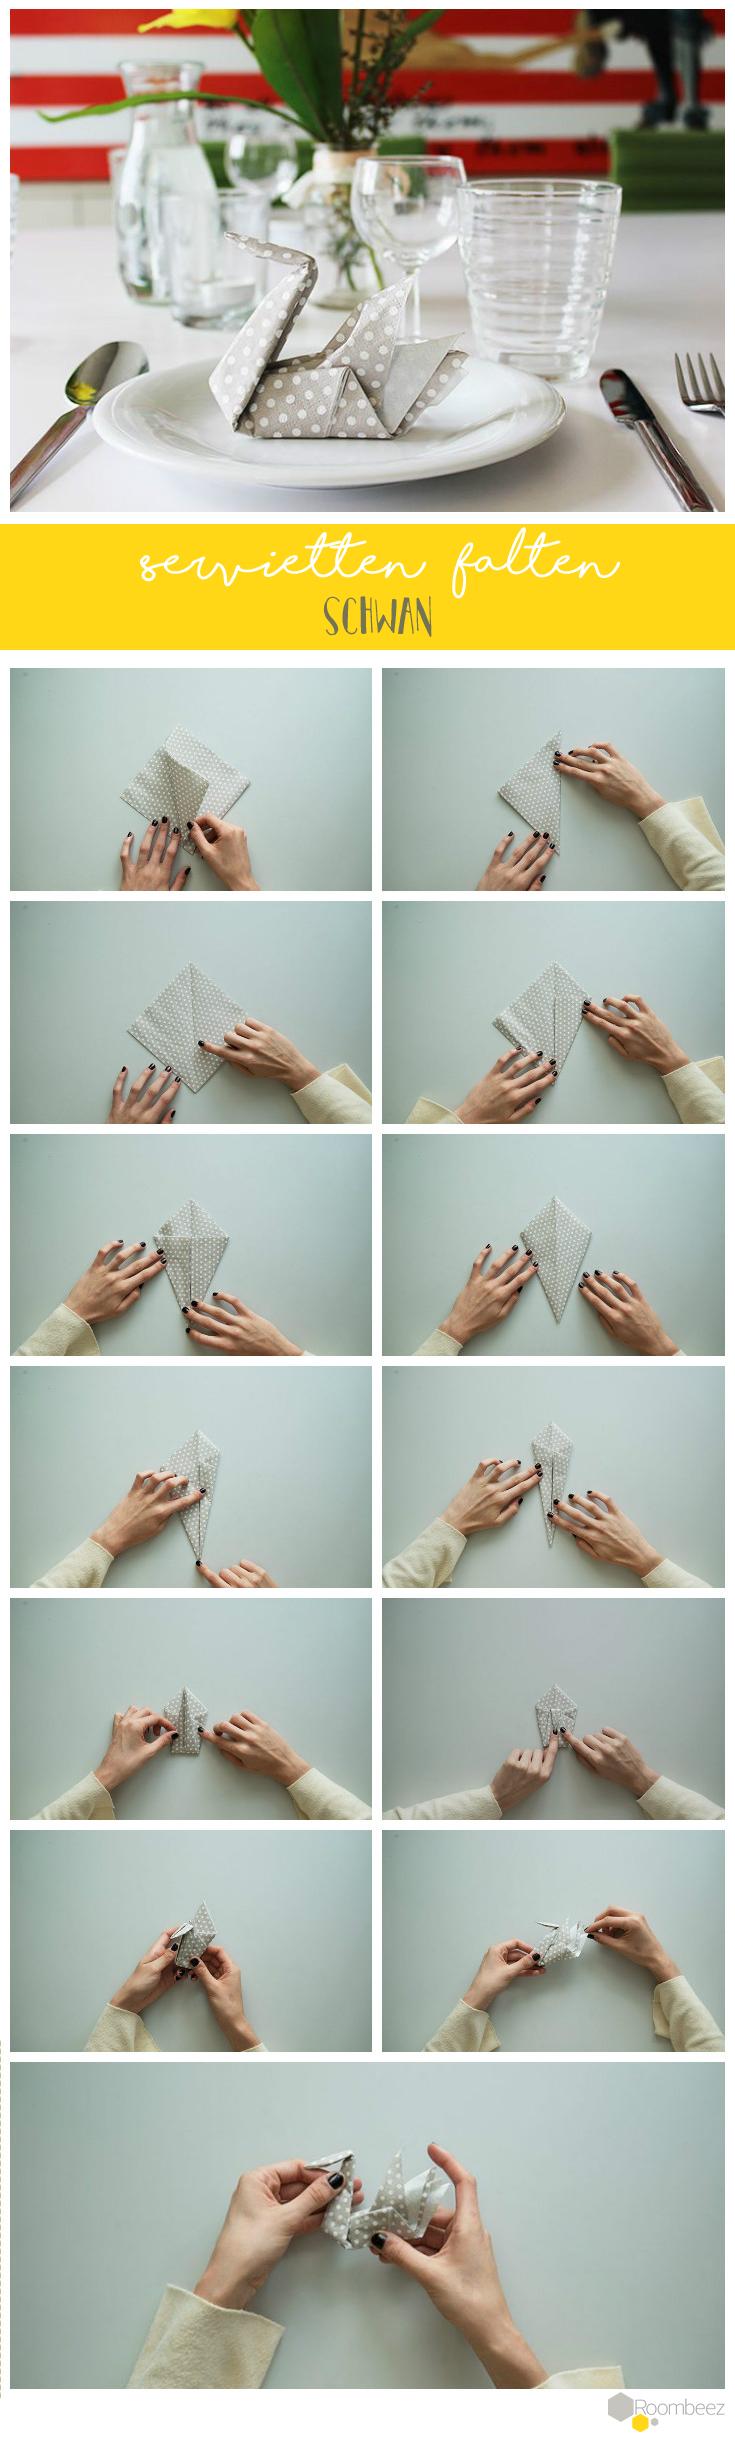 Servietten falten » 15 Anleitungen und Videos